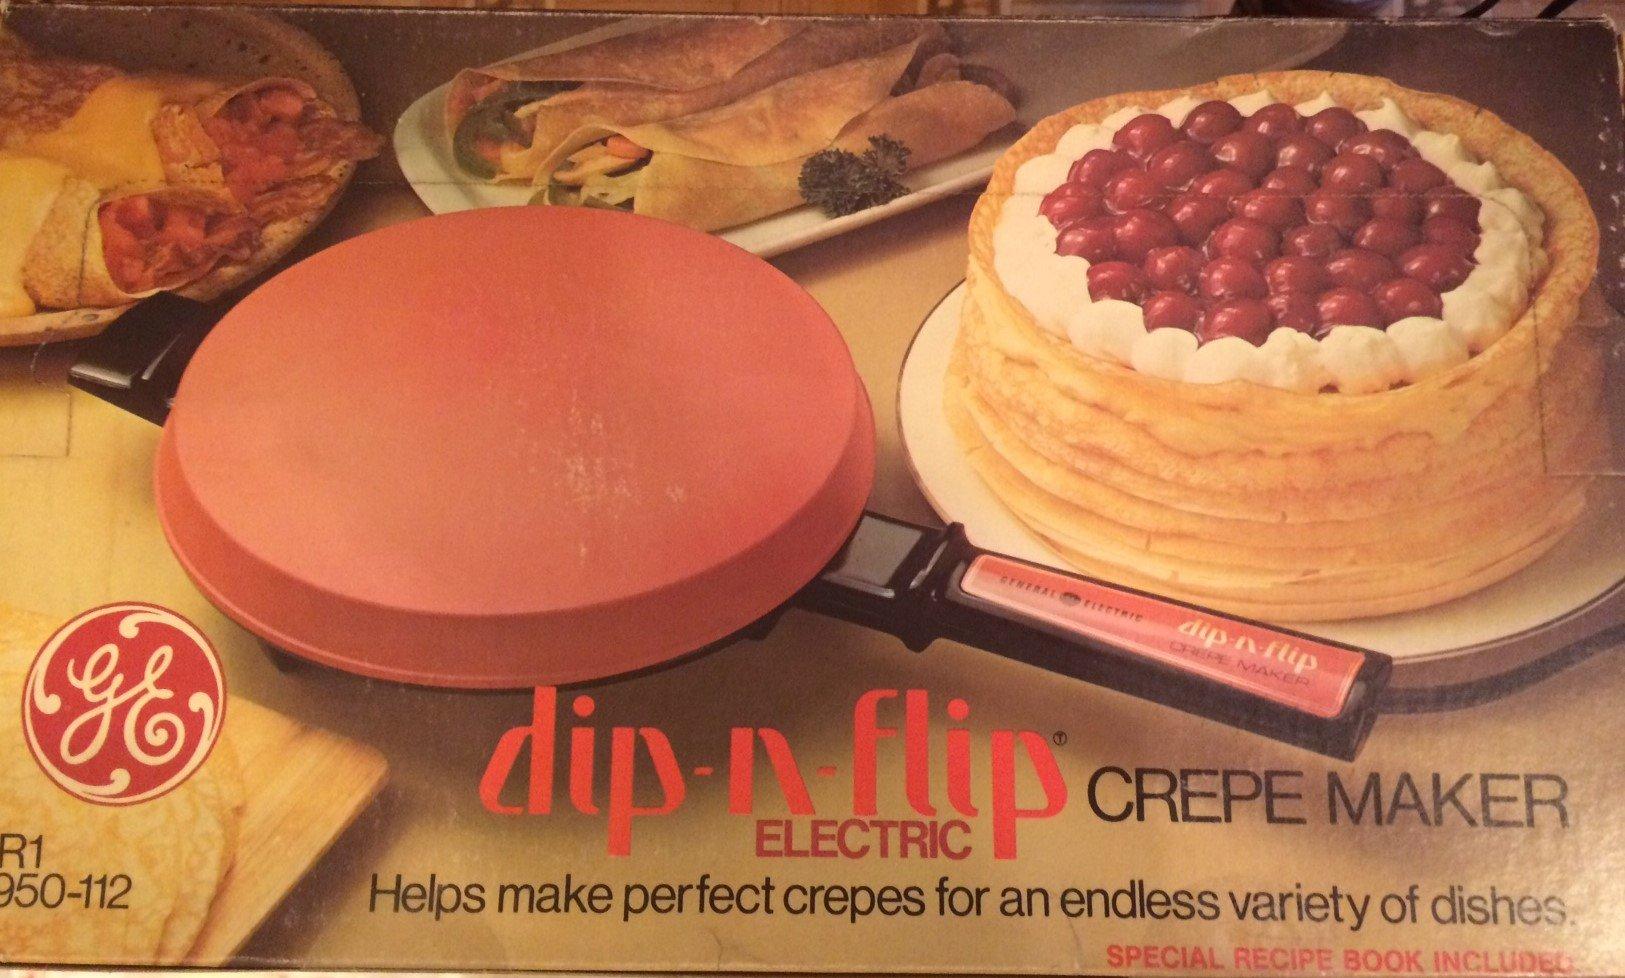 GE dip-n-flip Vintage Crepe Maker